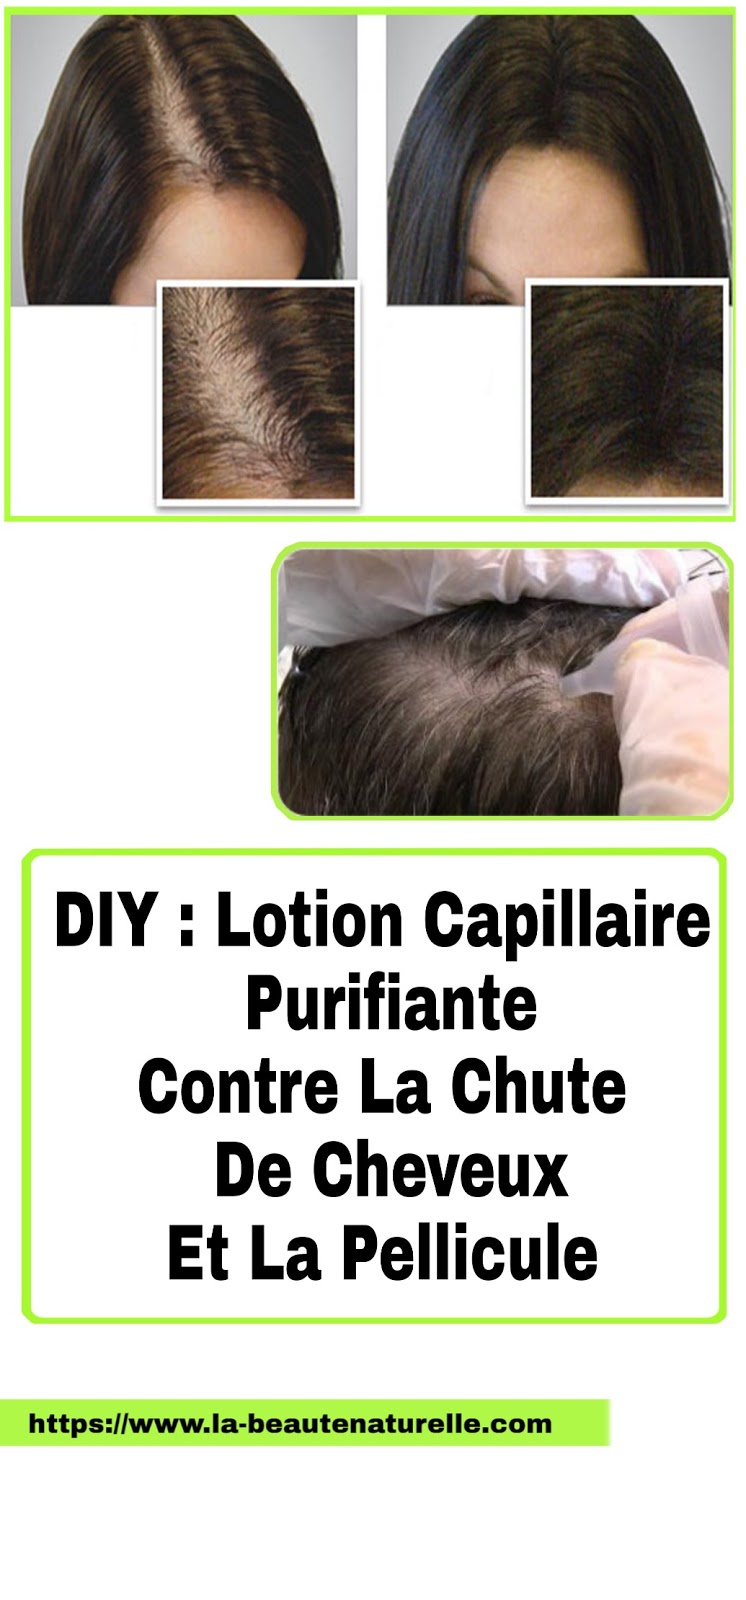 DIY : Lotion Capillaire Purifiante Contre La Chute De Cheveux Et La Pellicule